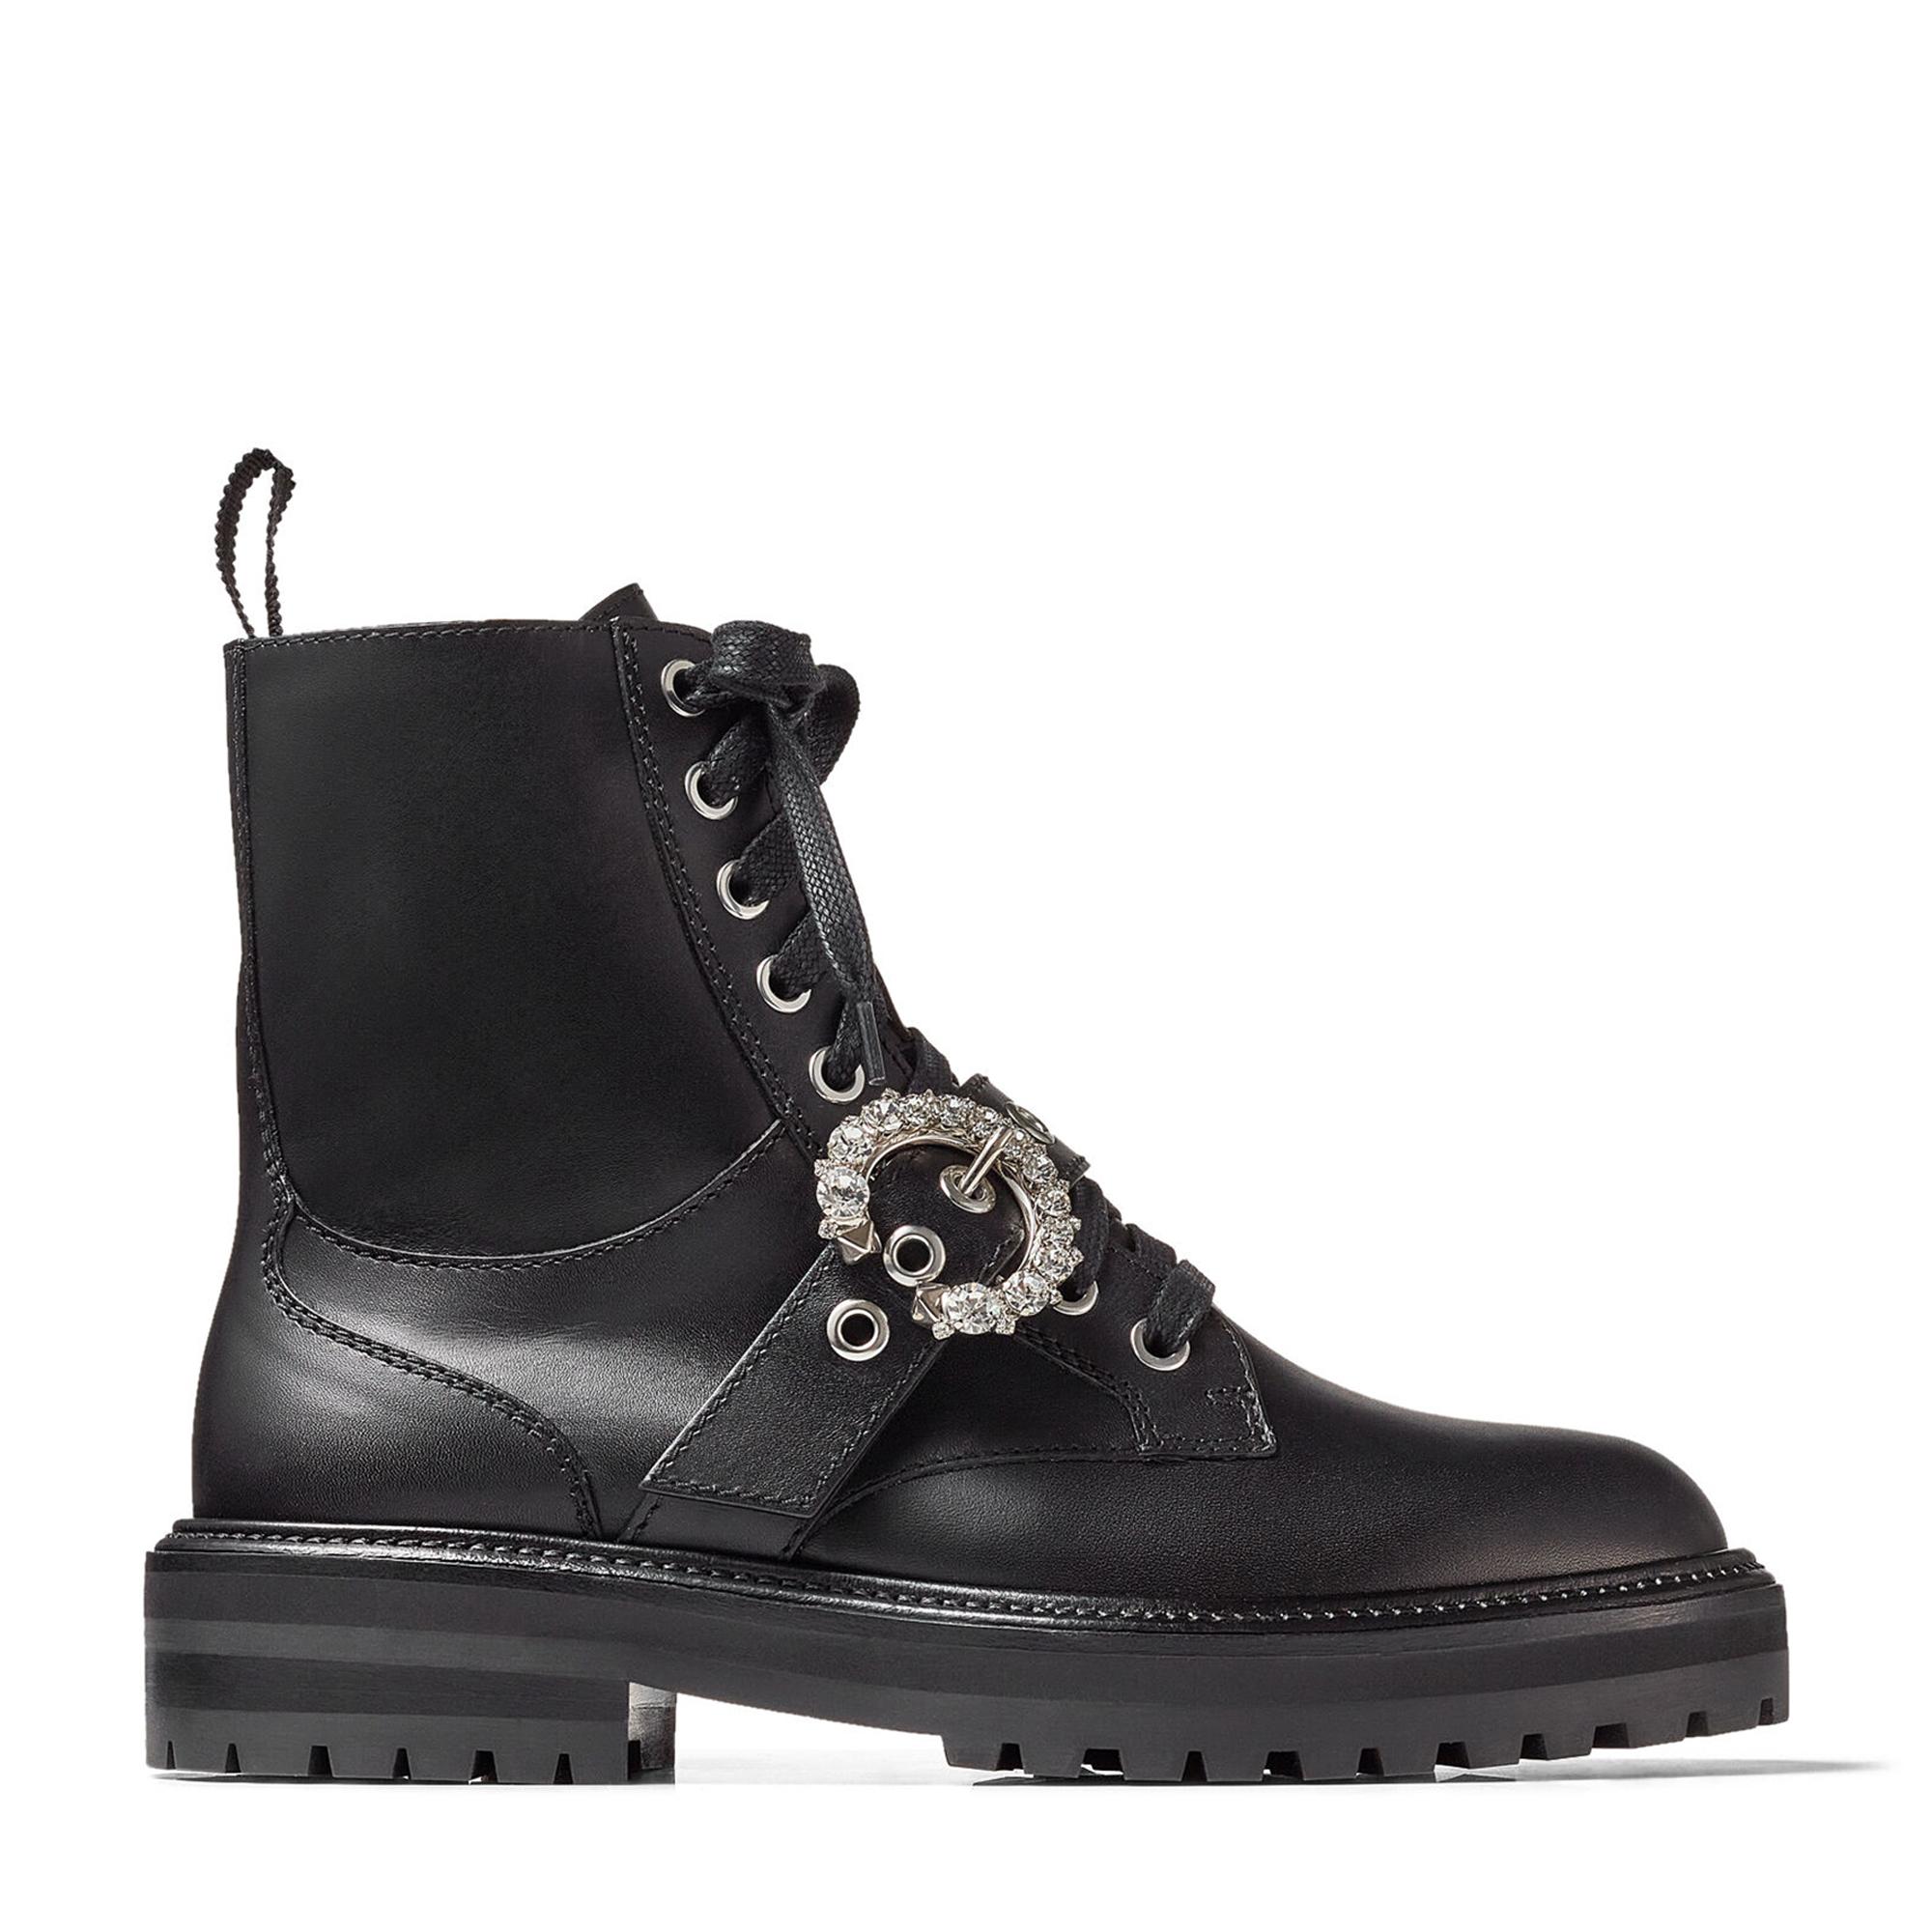 Cora combat boots